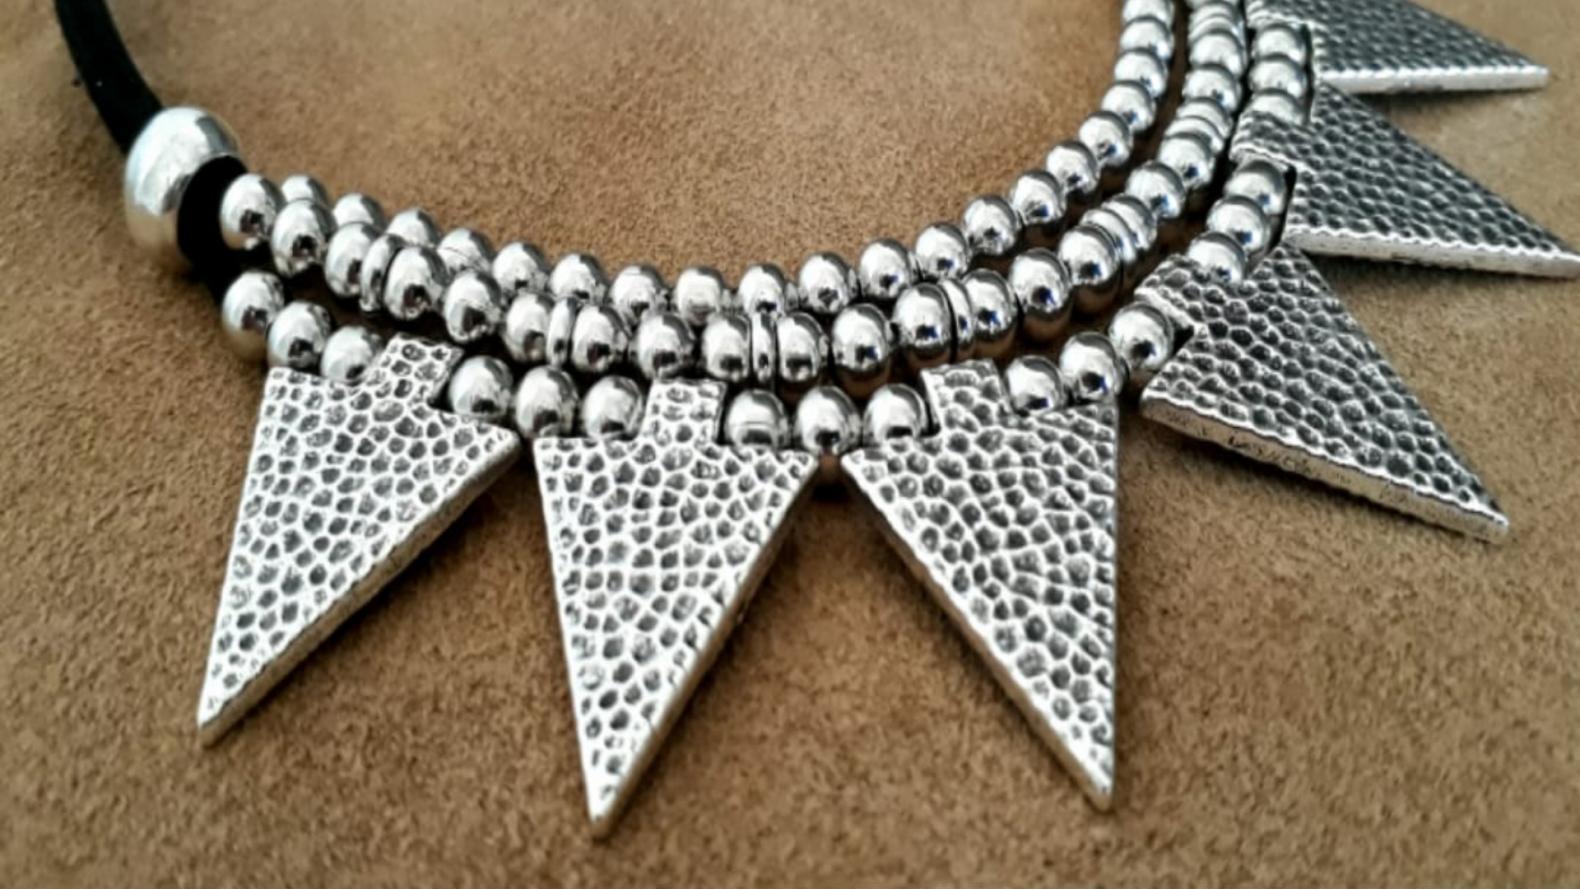 4992a30cb84a Accesorios de bijou que parecen joyas